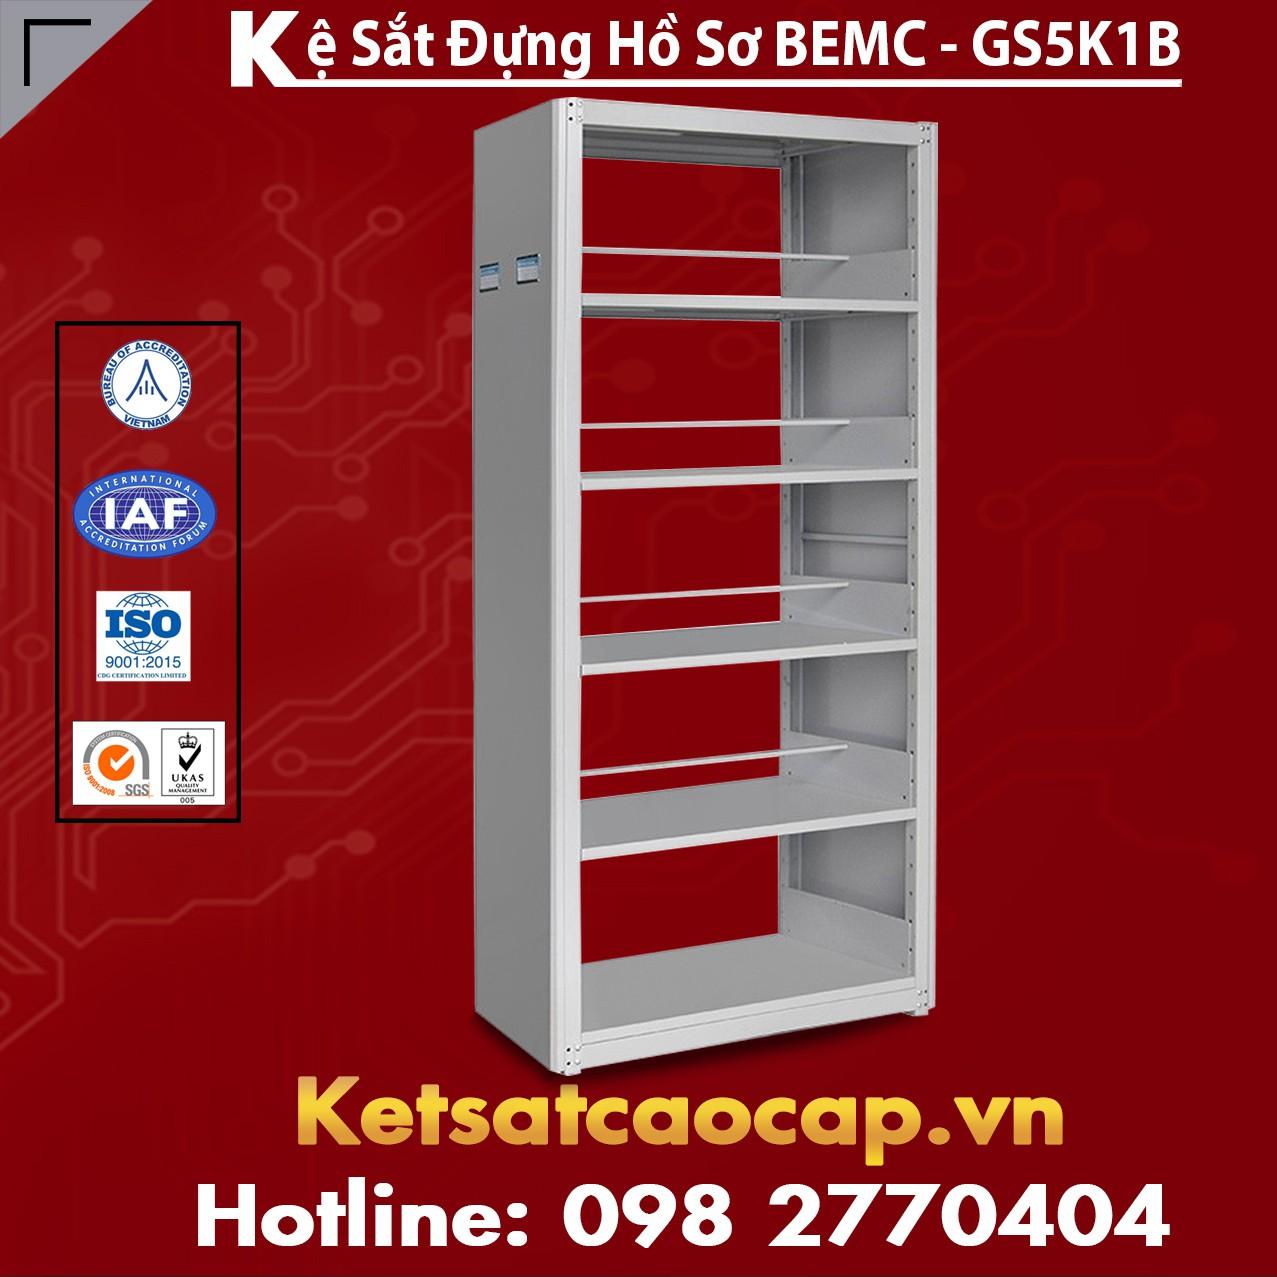 Kệ Sắt BEMC-GS5K1B